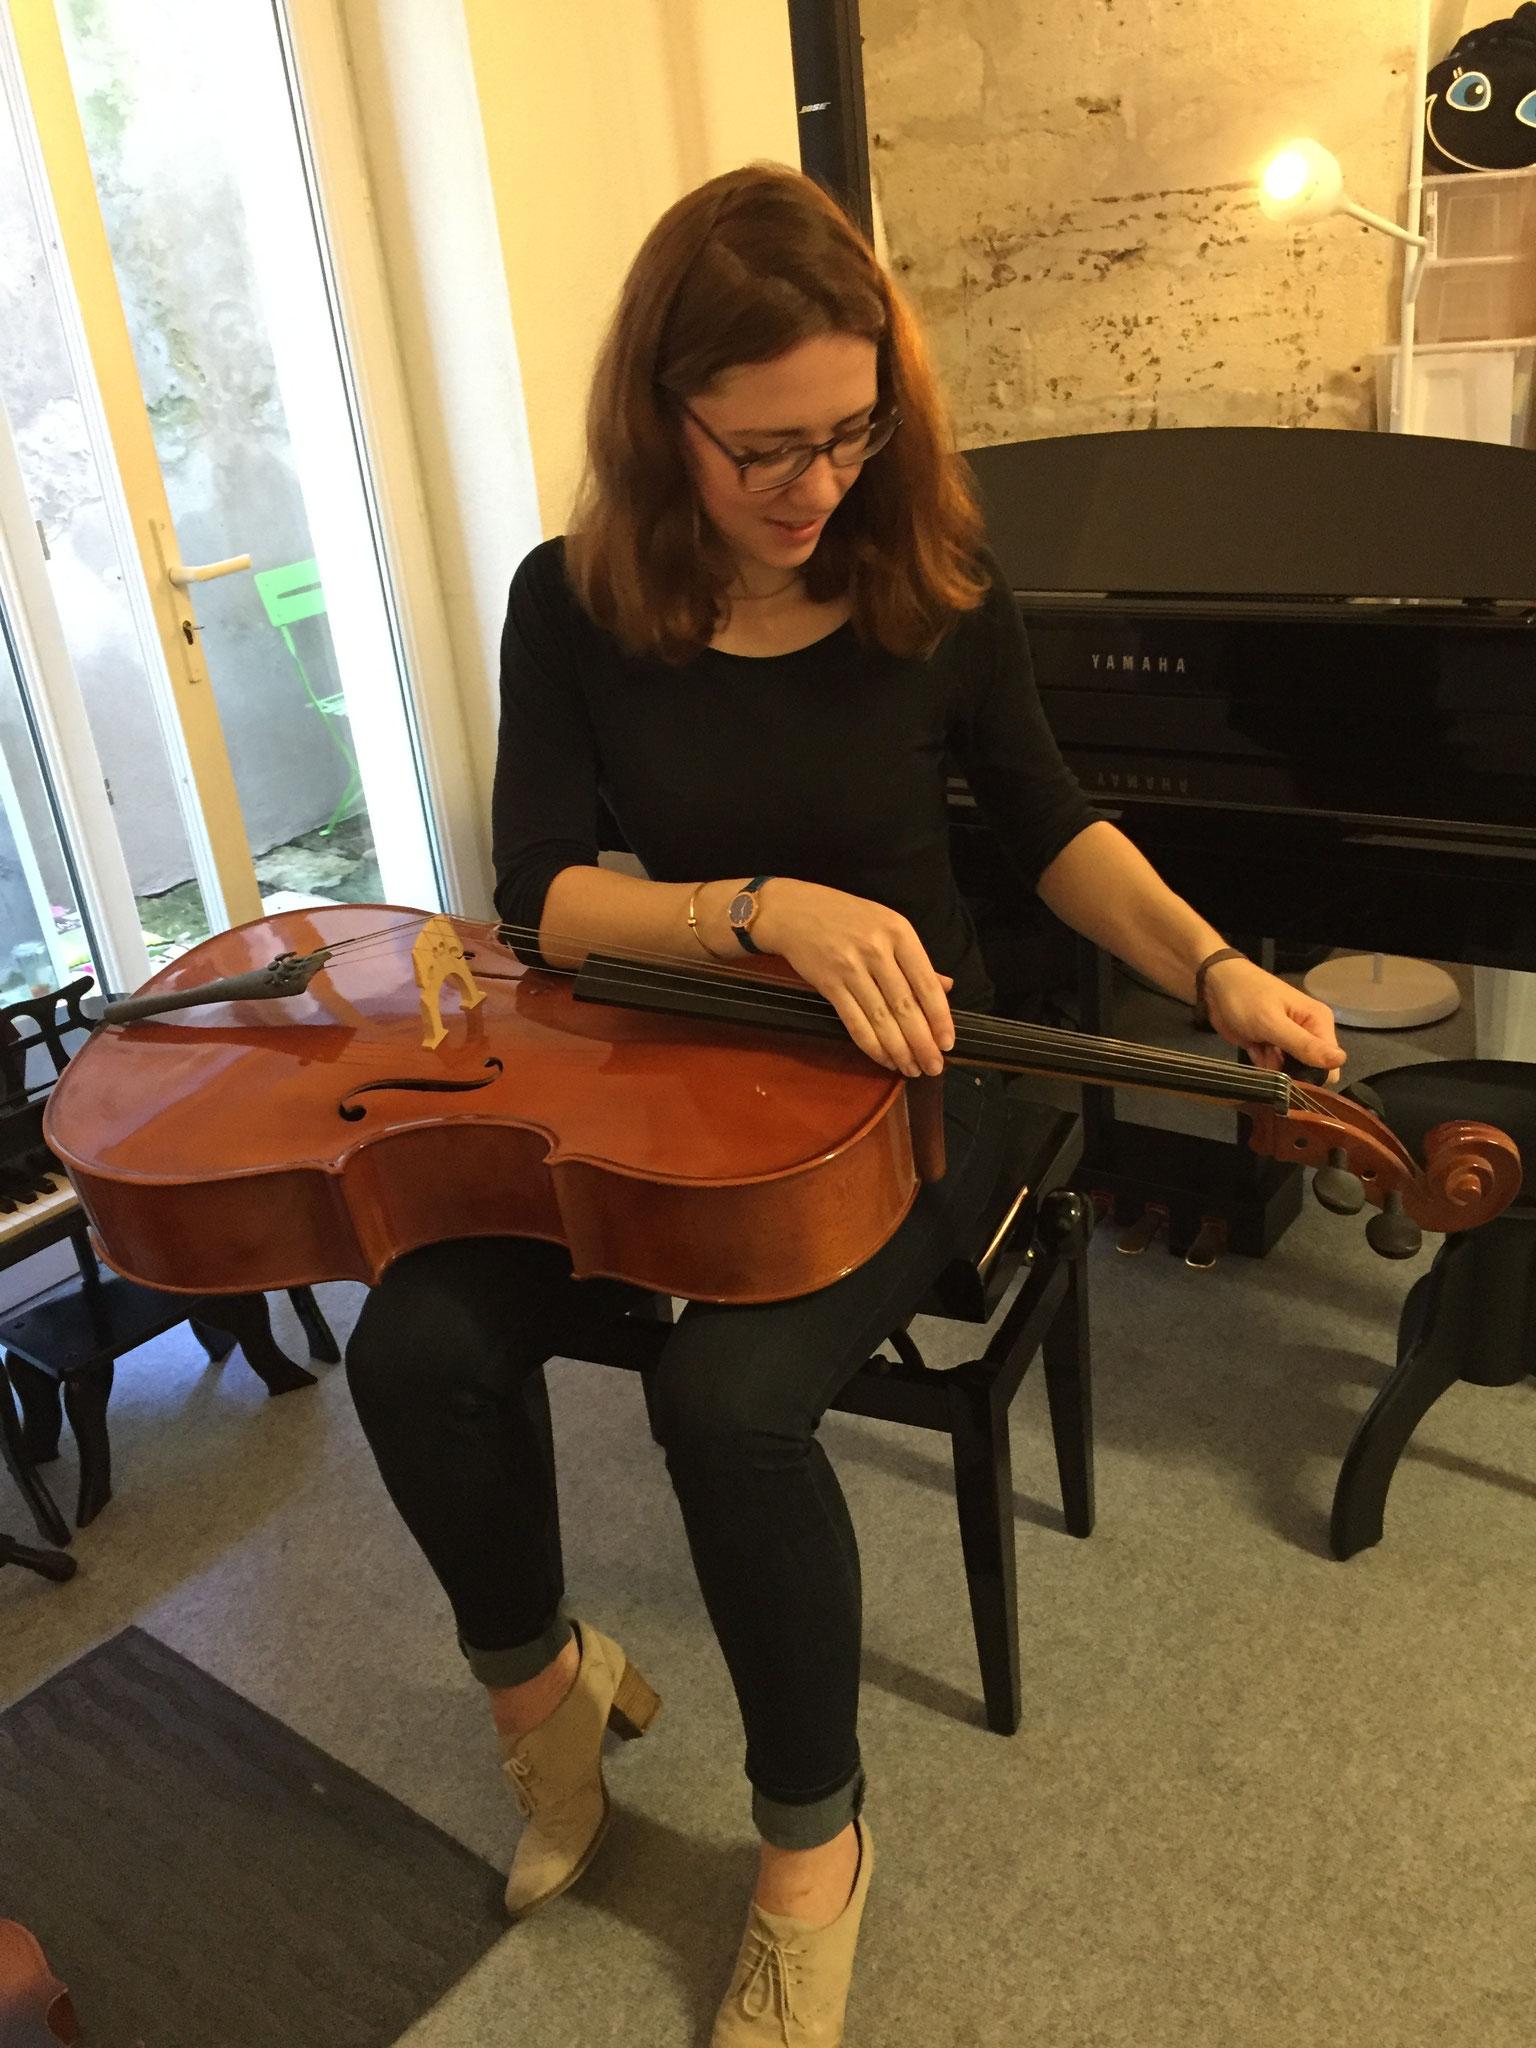 cours de violoncelle au petit conservatoire ecole de musique piano guitare violon chant et. Black Bedroom Furniture Sets. Home Design Ideas